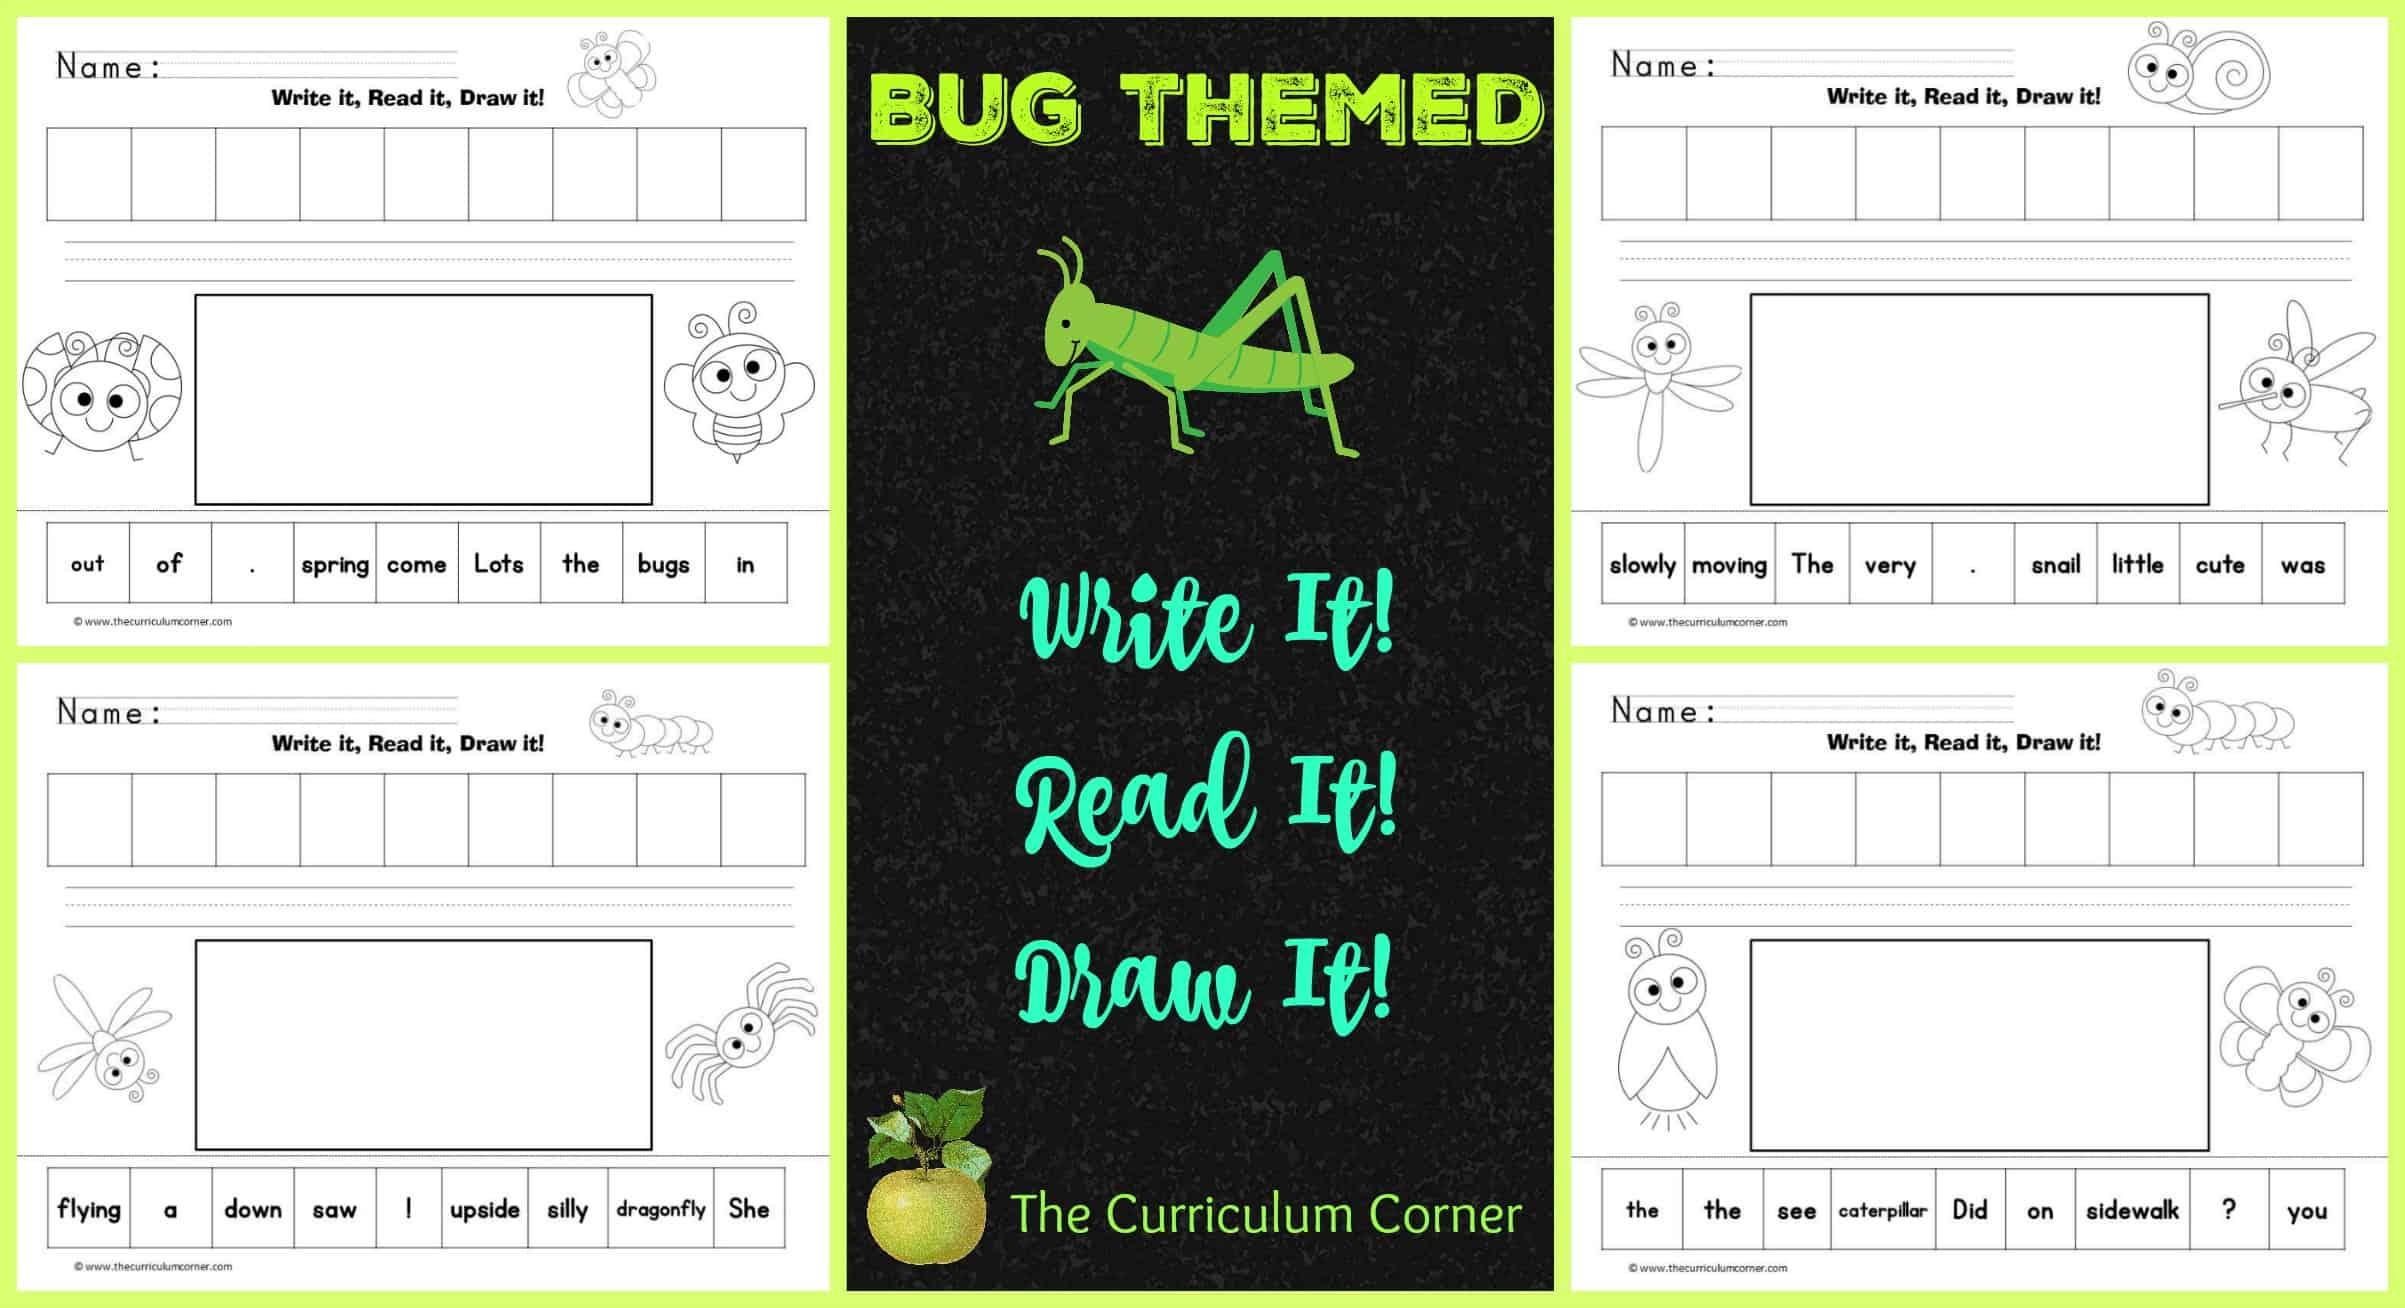 Cute Bugs Read, Write & Draw It!